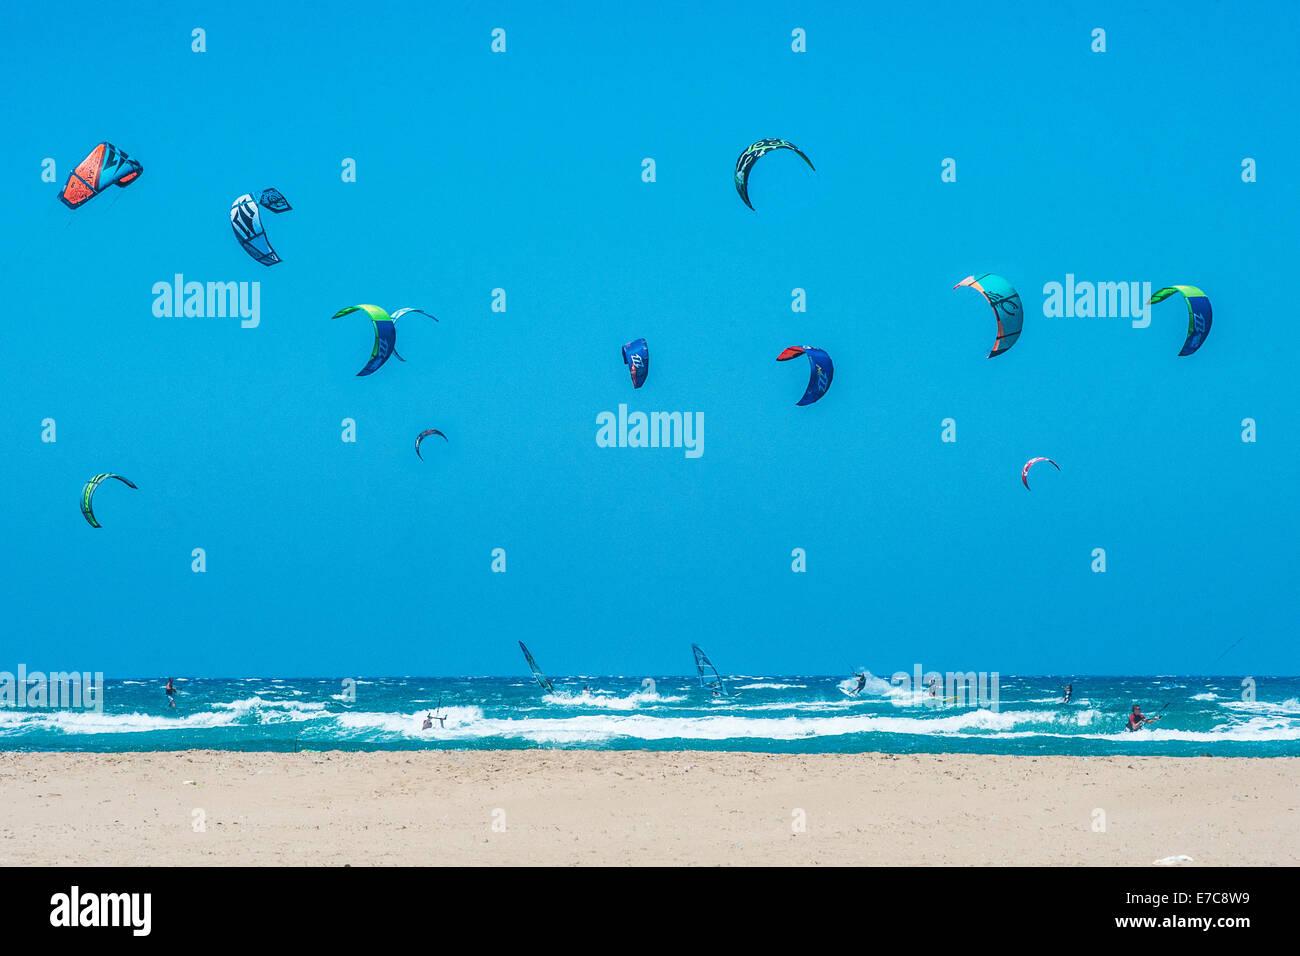 Il kite surf e windsurf a Rodi, Grecia Immagini Stock